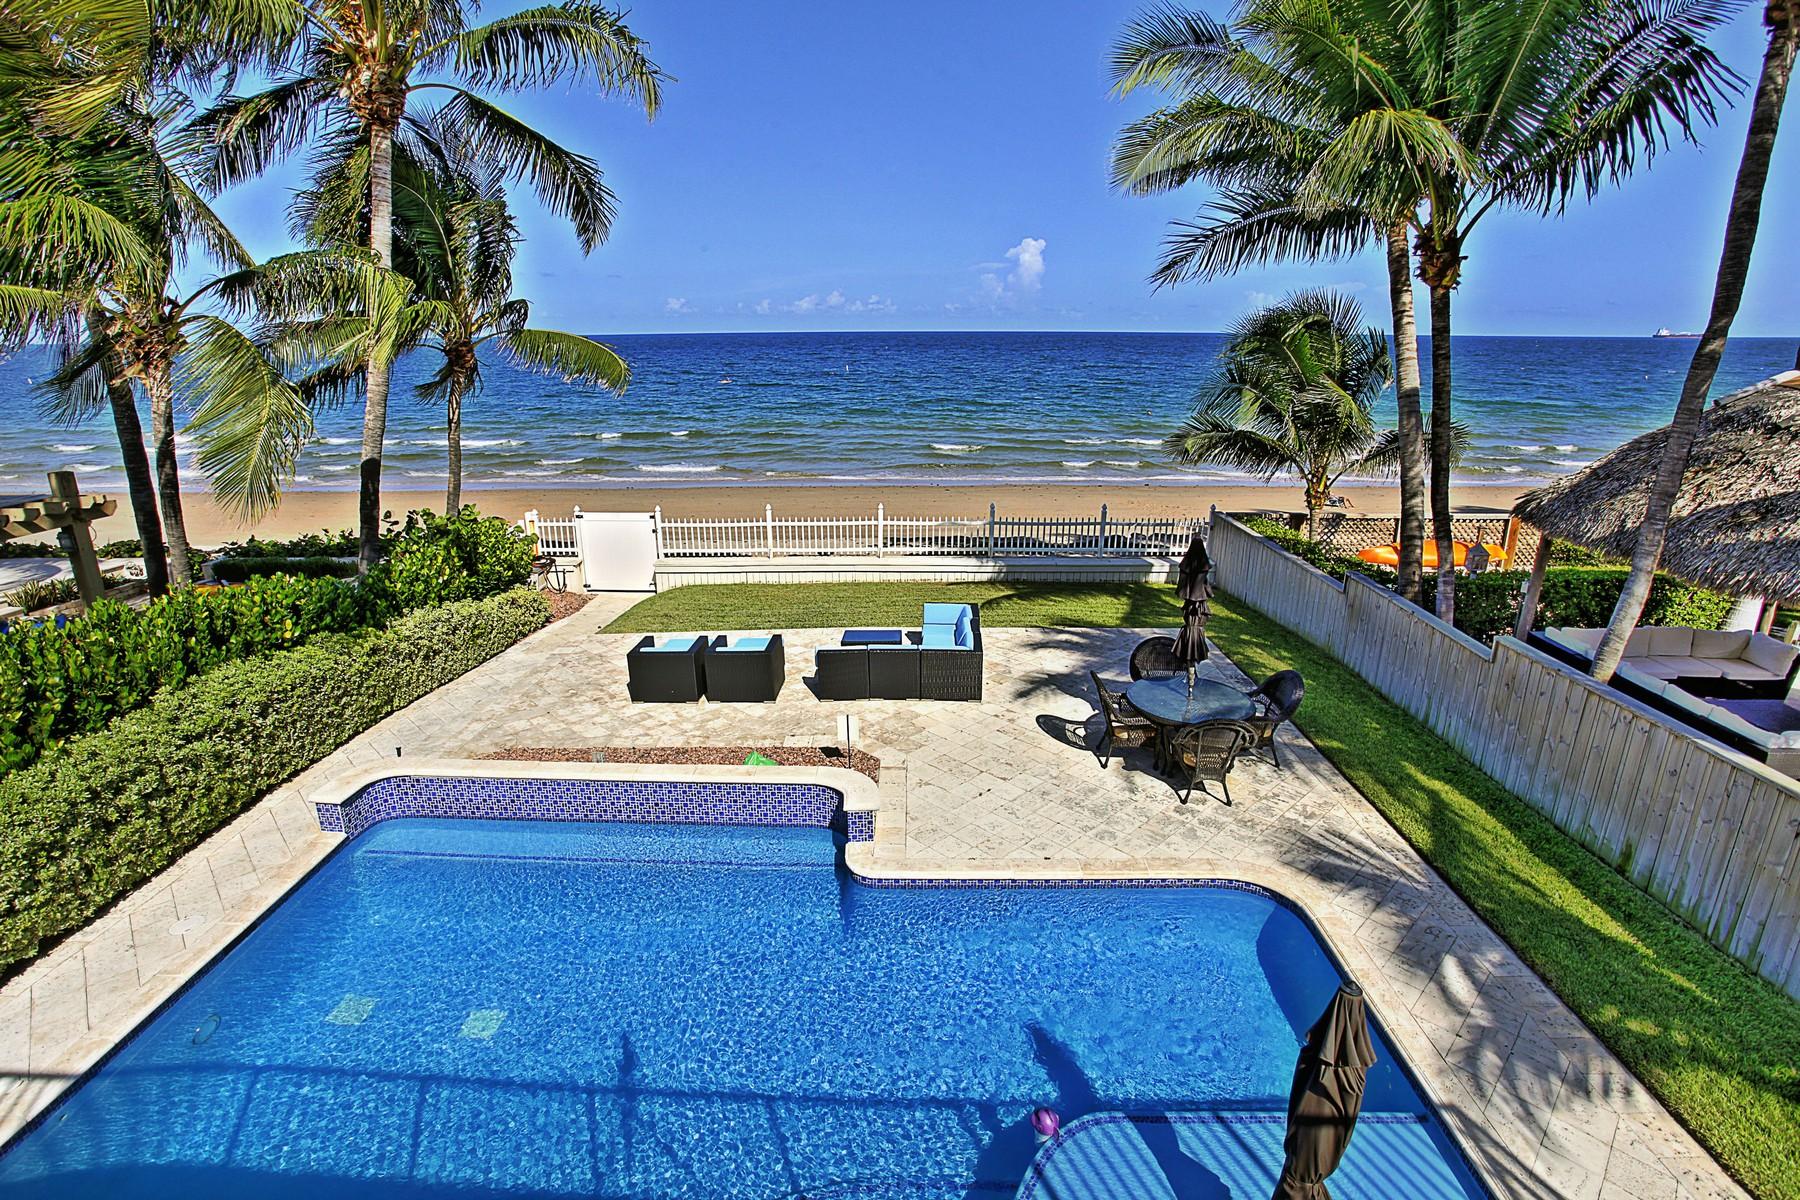 その他の住居 のために 売買 アット 3008 N Atlantic Blvd Fort Lauderdale, フロリダ 33308 アメリカ合衆国